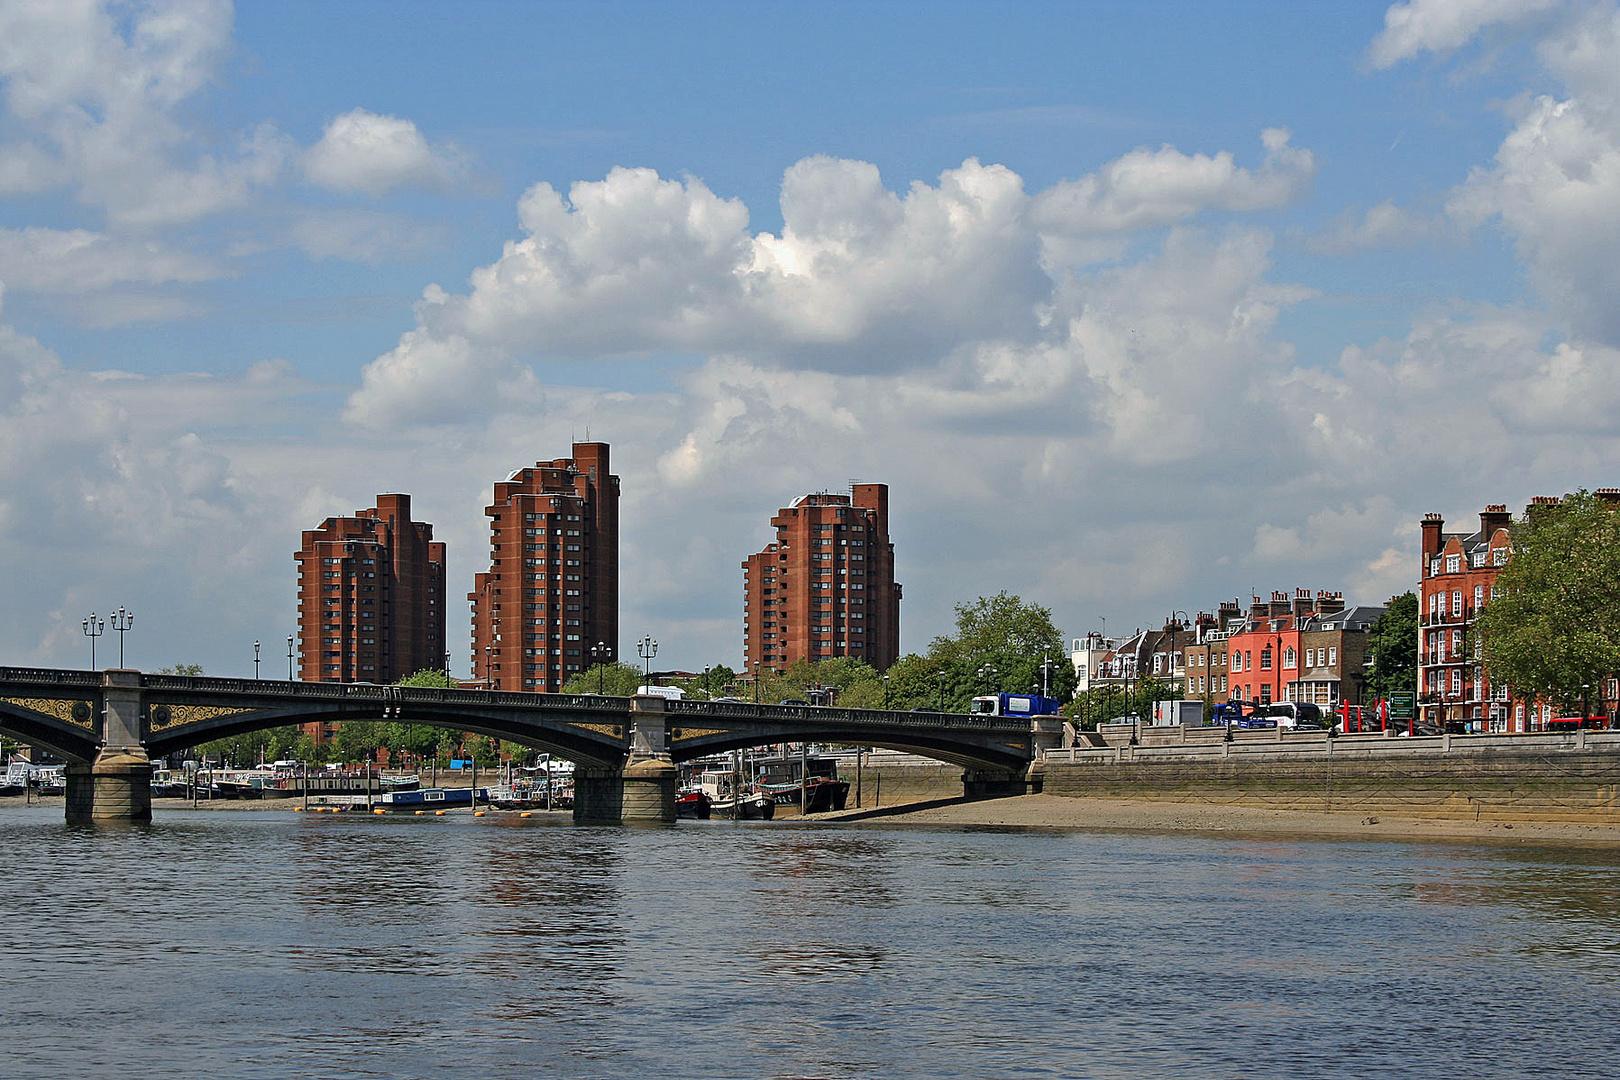 Themsefahrt: Die Battersea Bridge war einst eine Mautbrücke